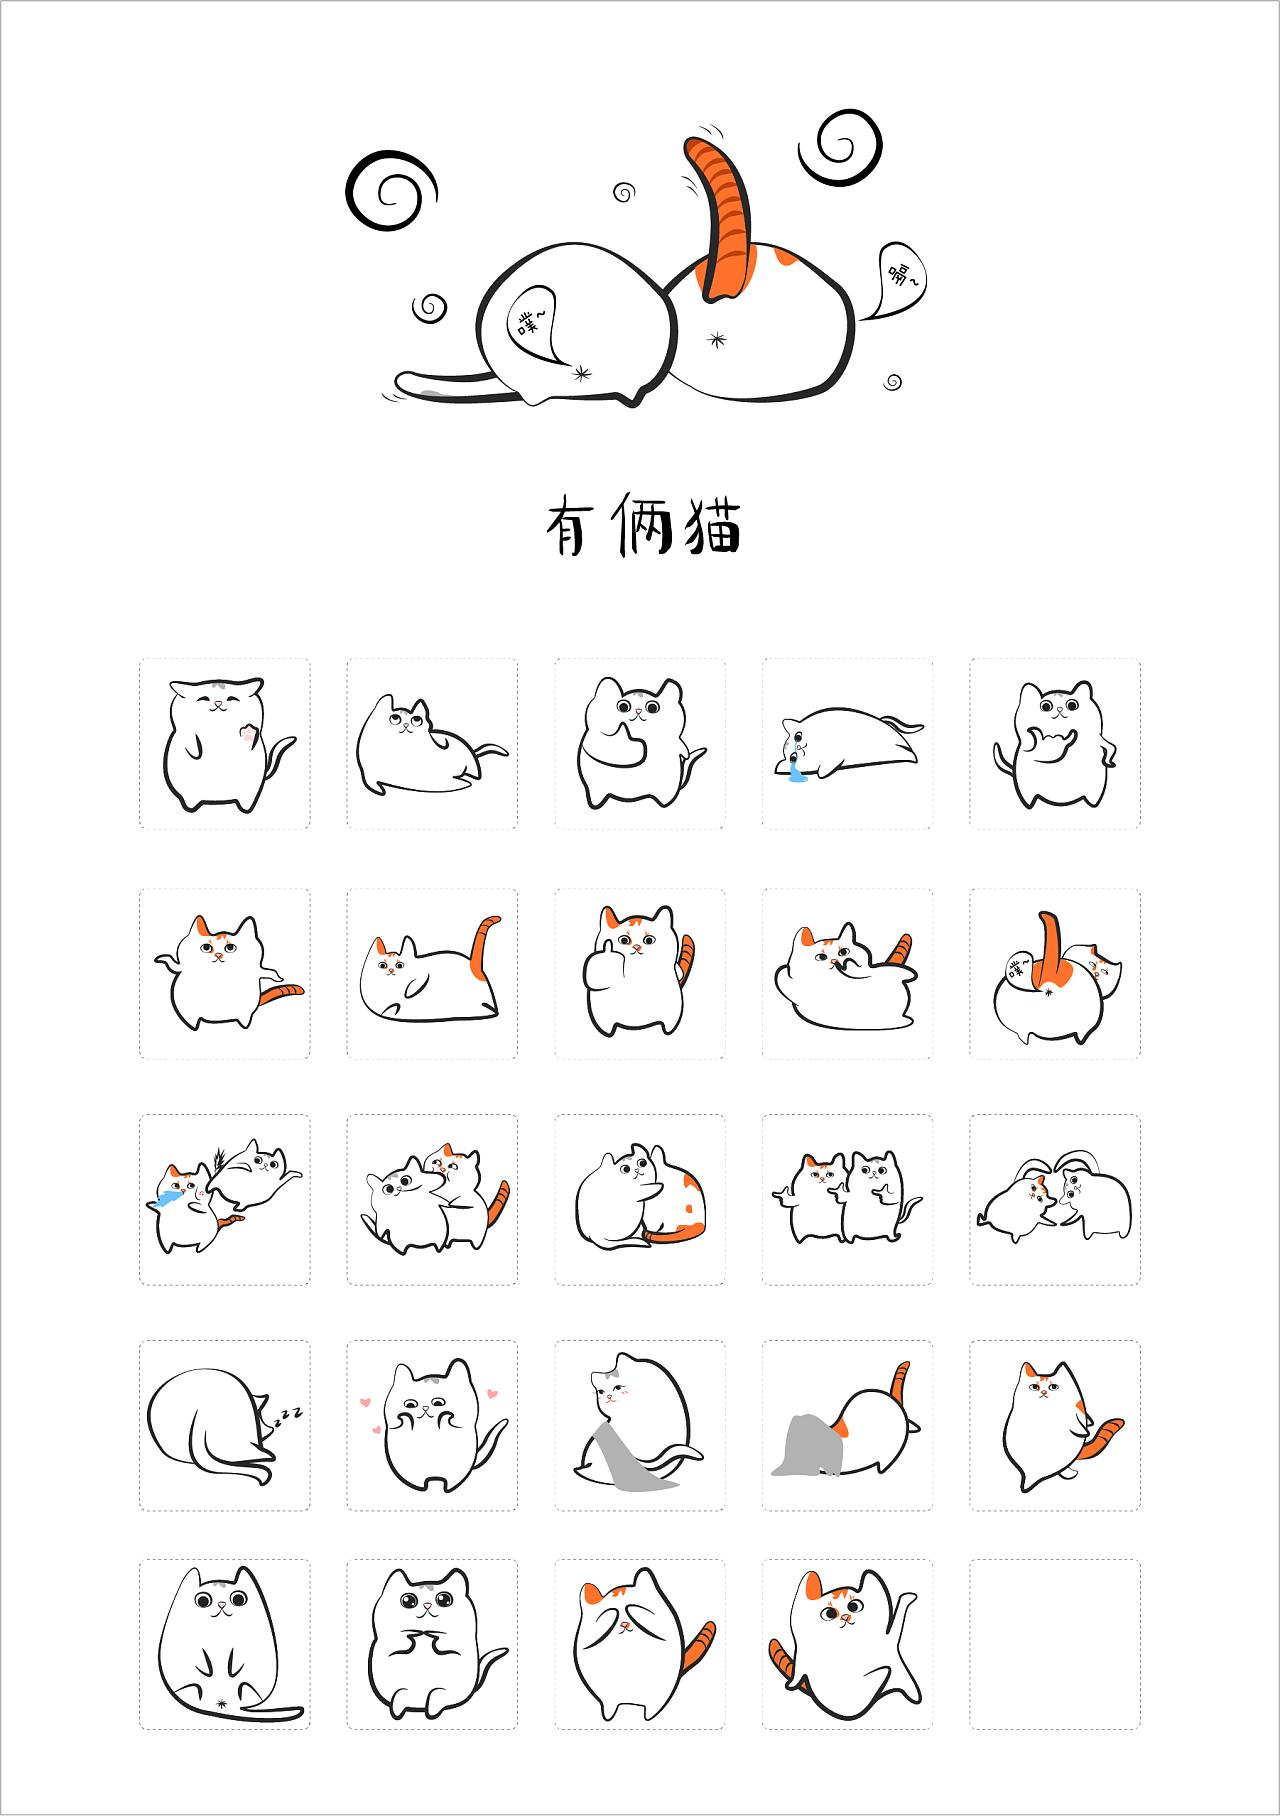 微信表情包-有俩猫图片